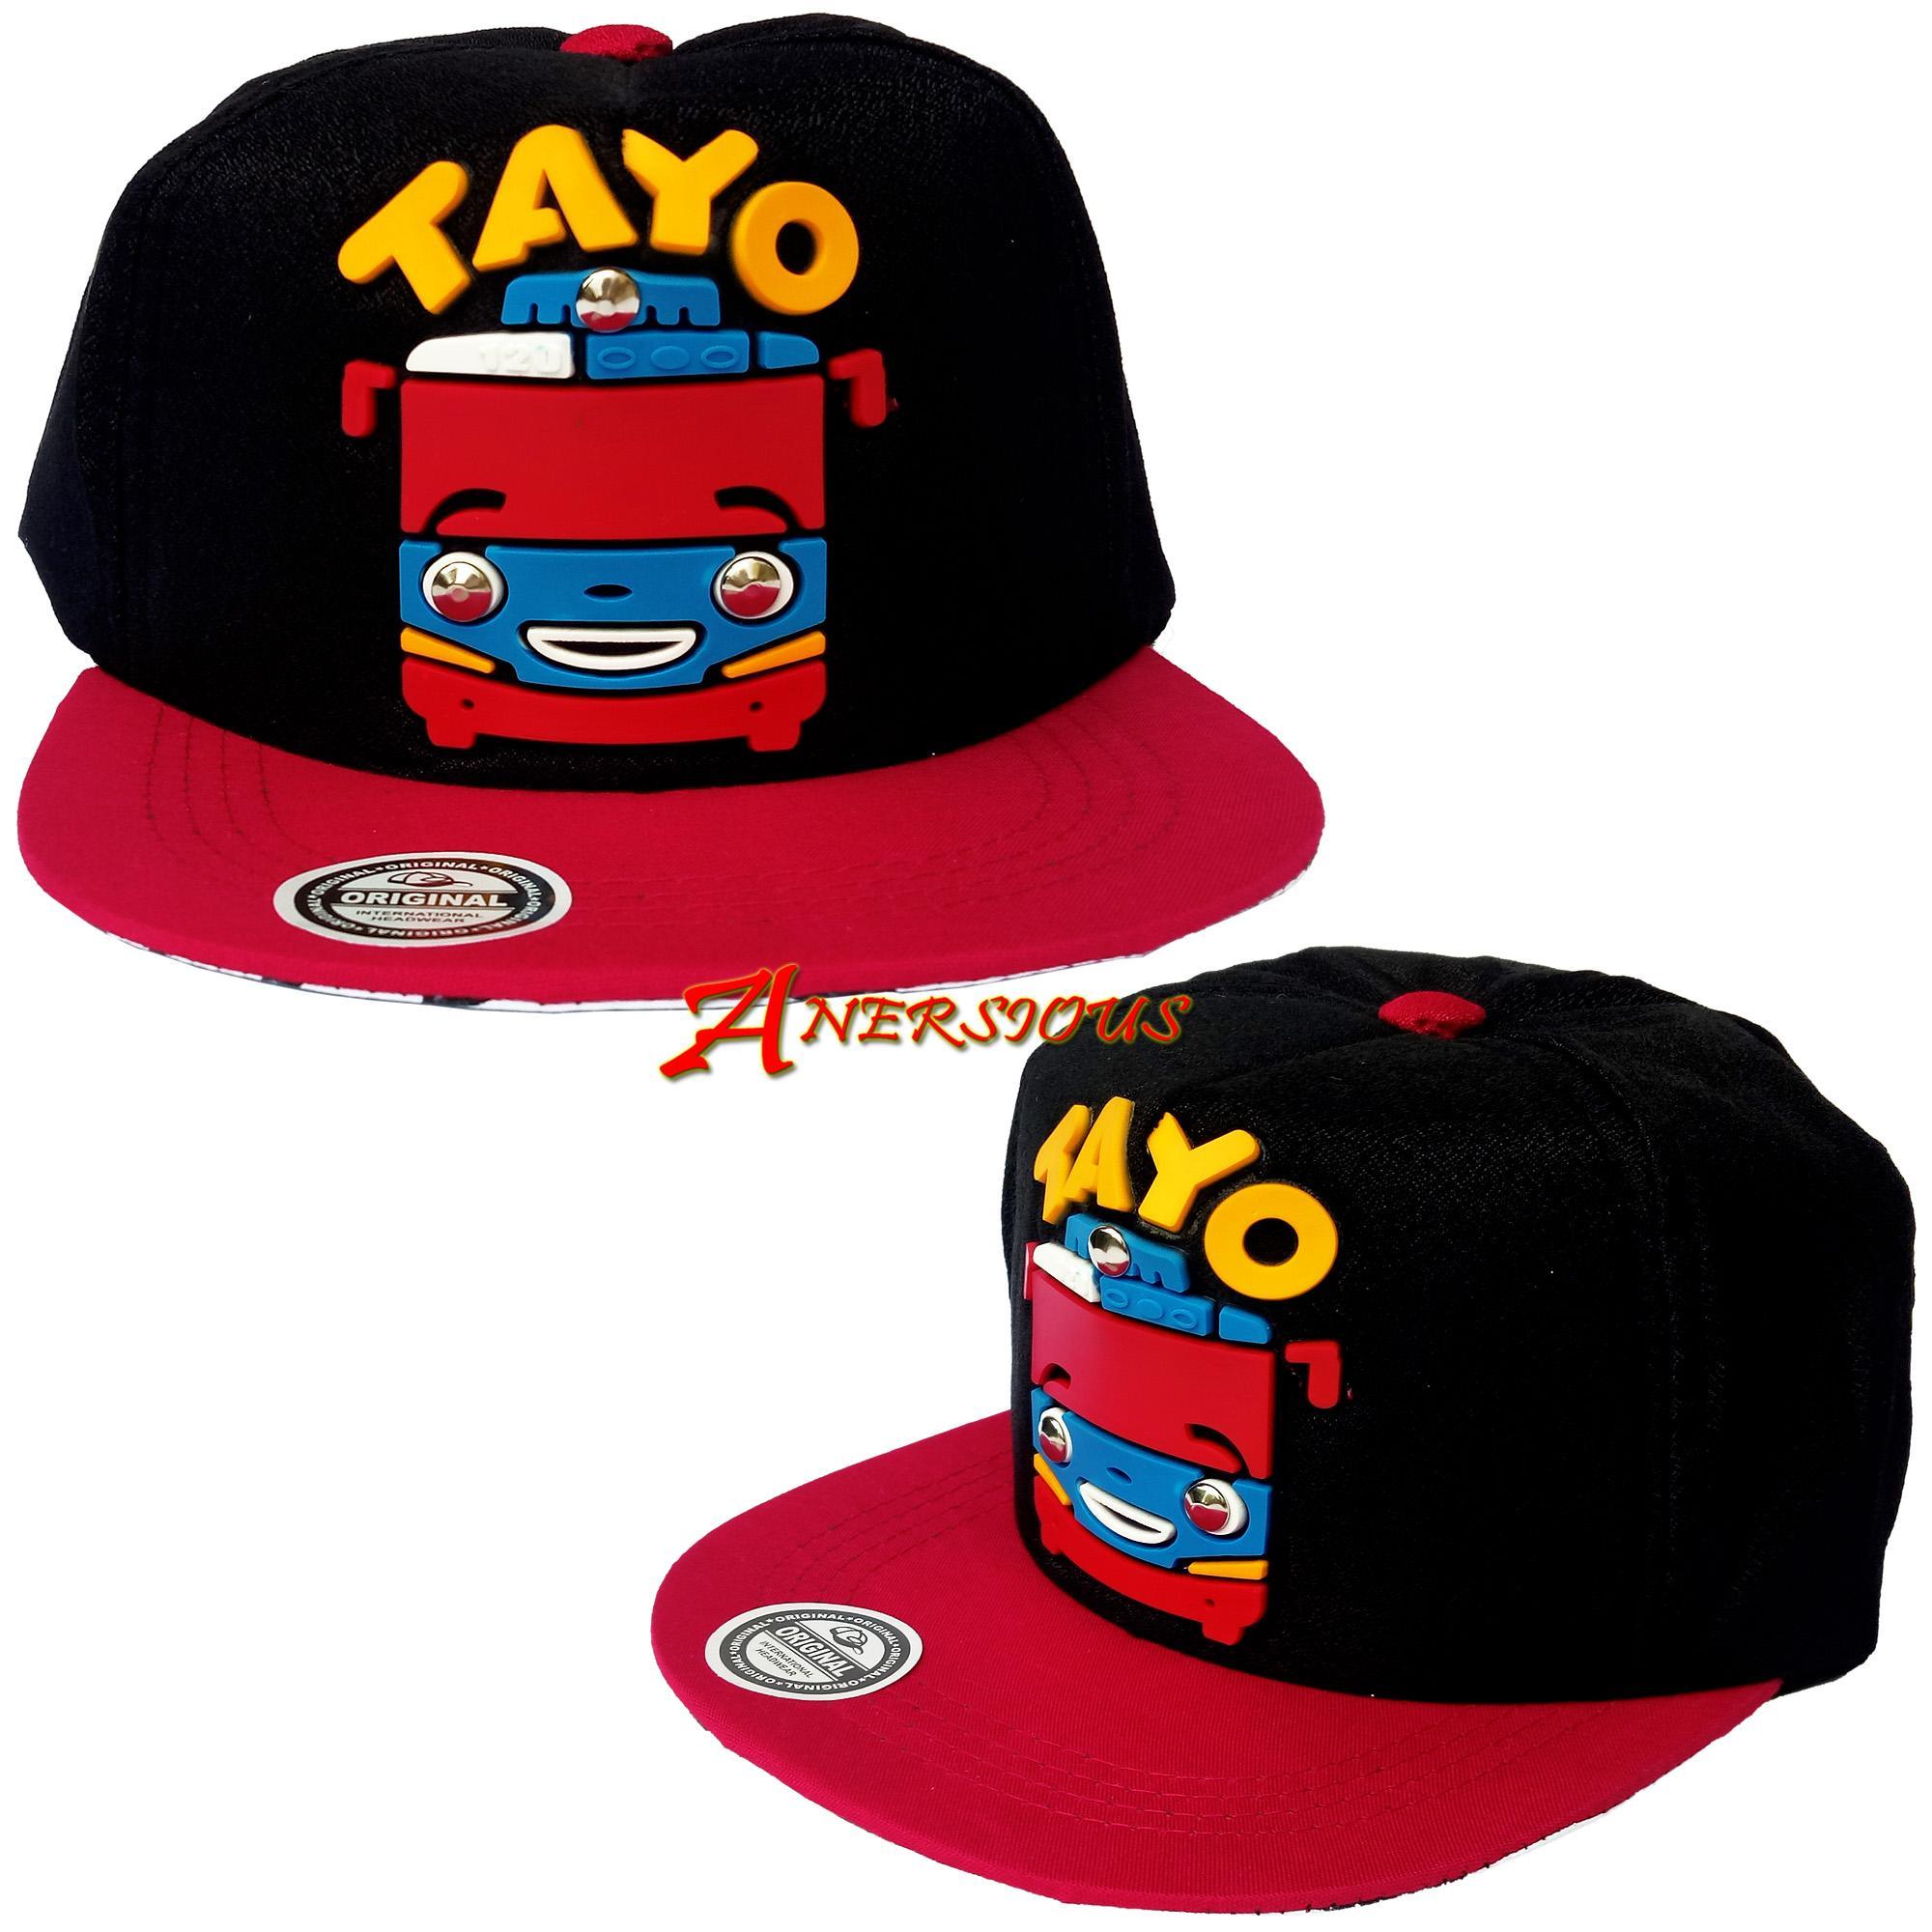 Topi Snapback Anak Model Paku Topi Dengan Desain Motif Keren Gambar Timbul  Karakter Kartun Tayo fe594e5715